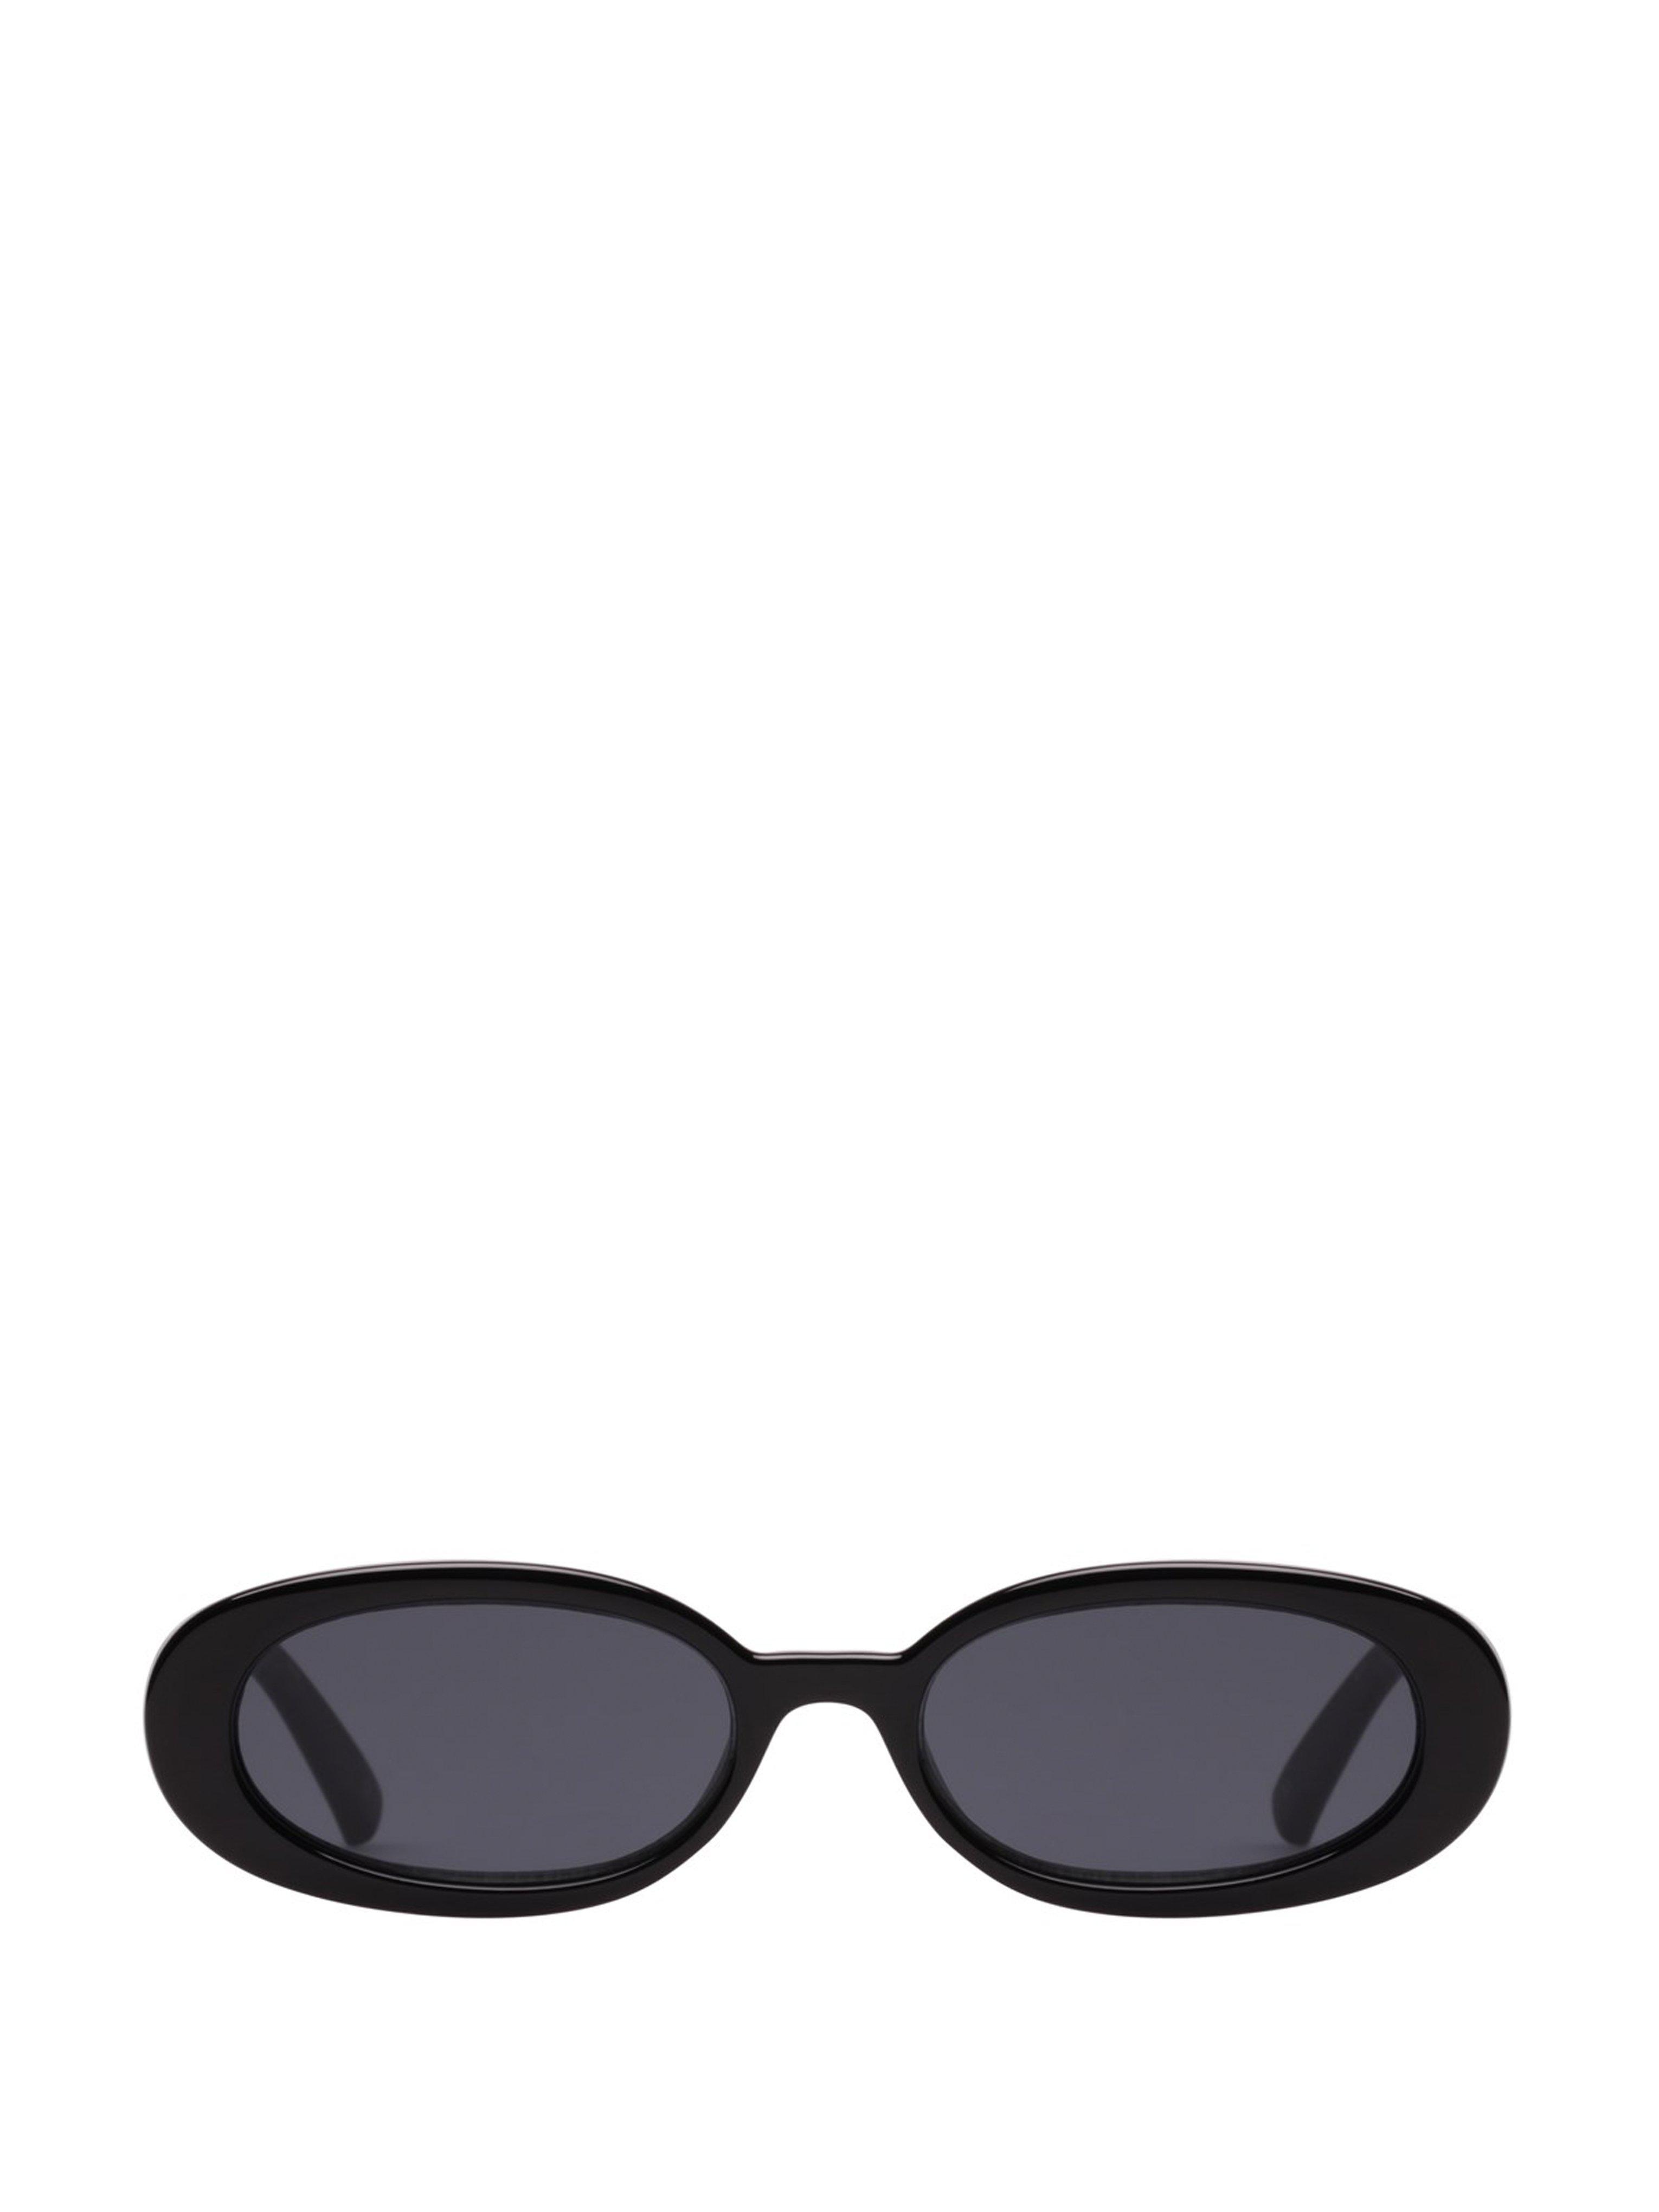 d54da7dab76b Lyst - Le Specs Outta Love Sunglasses